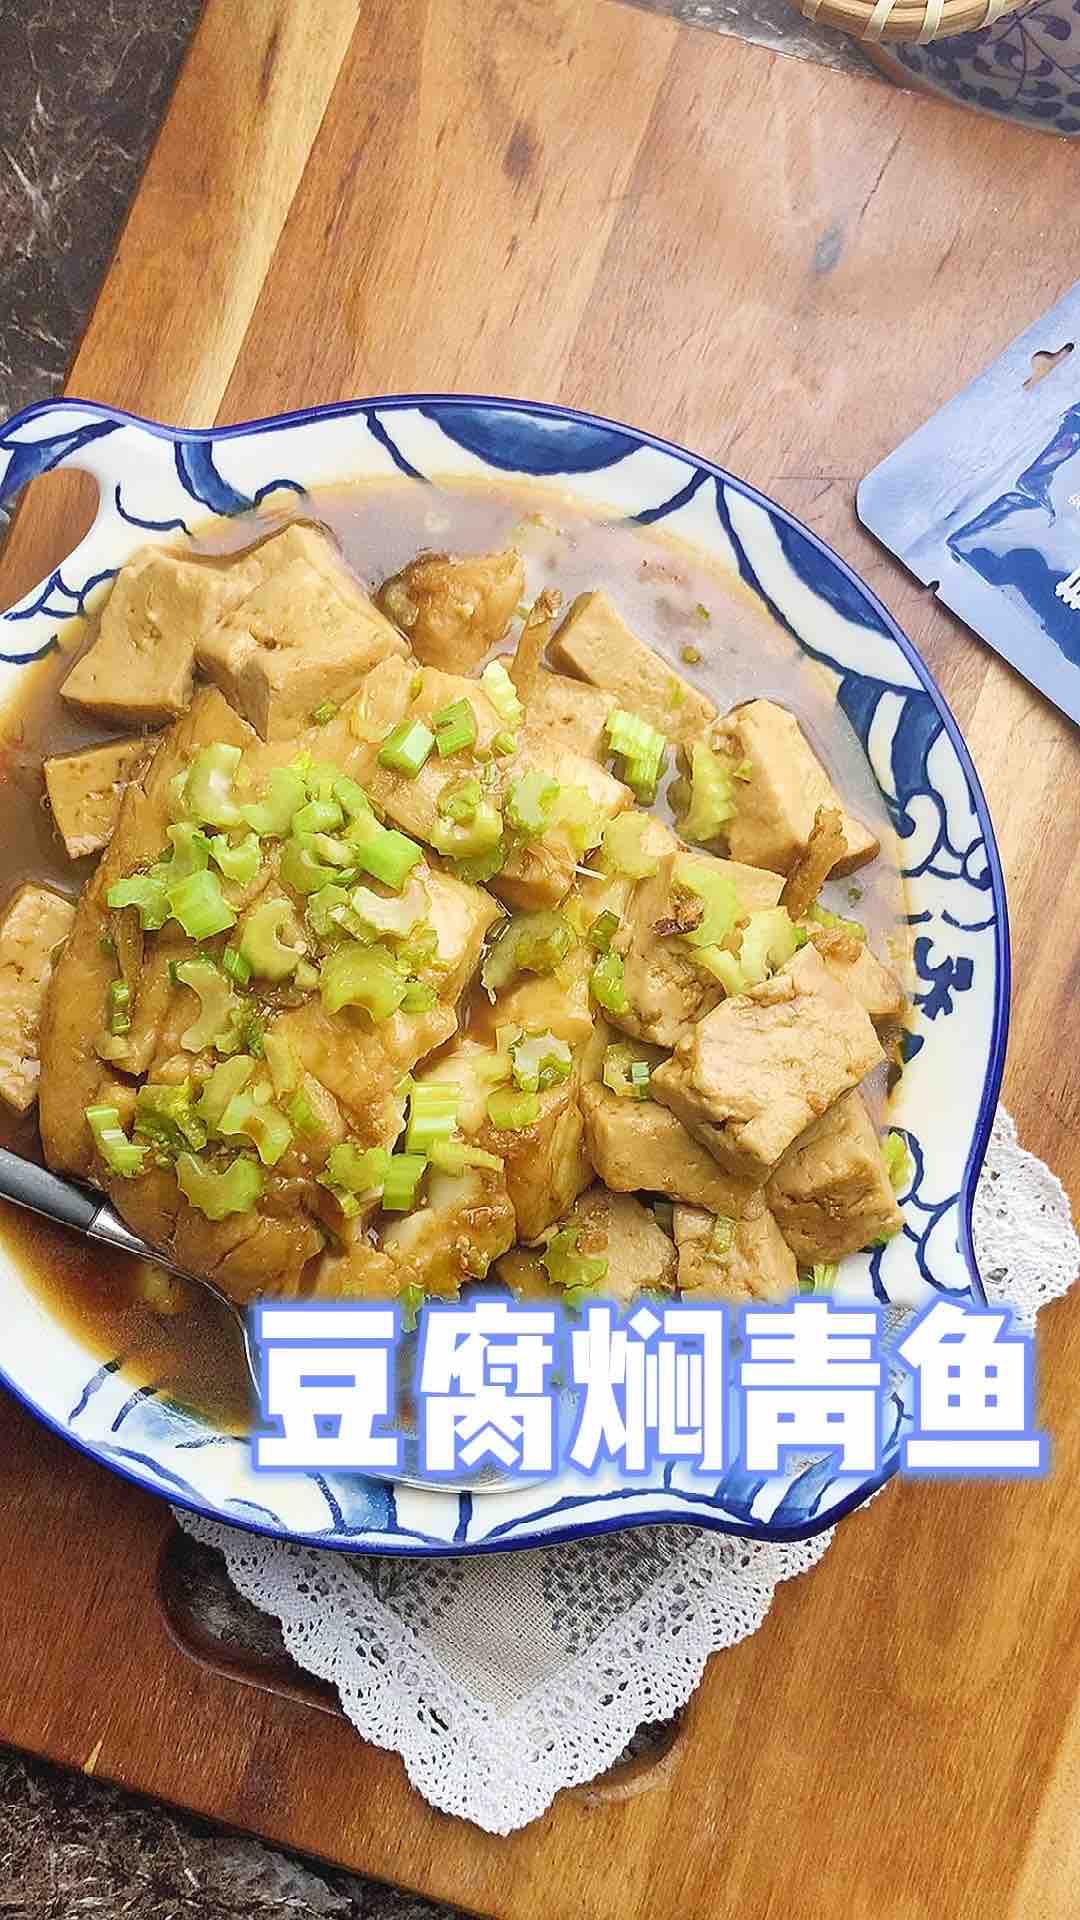 豆腐焖青鱼